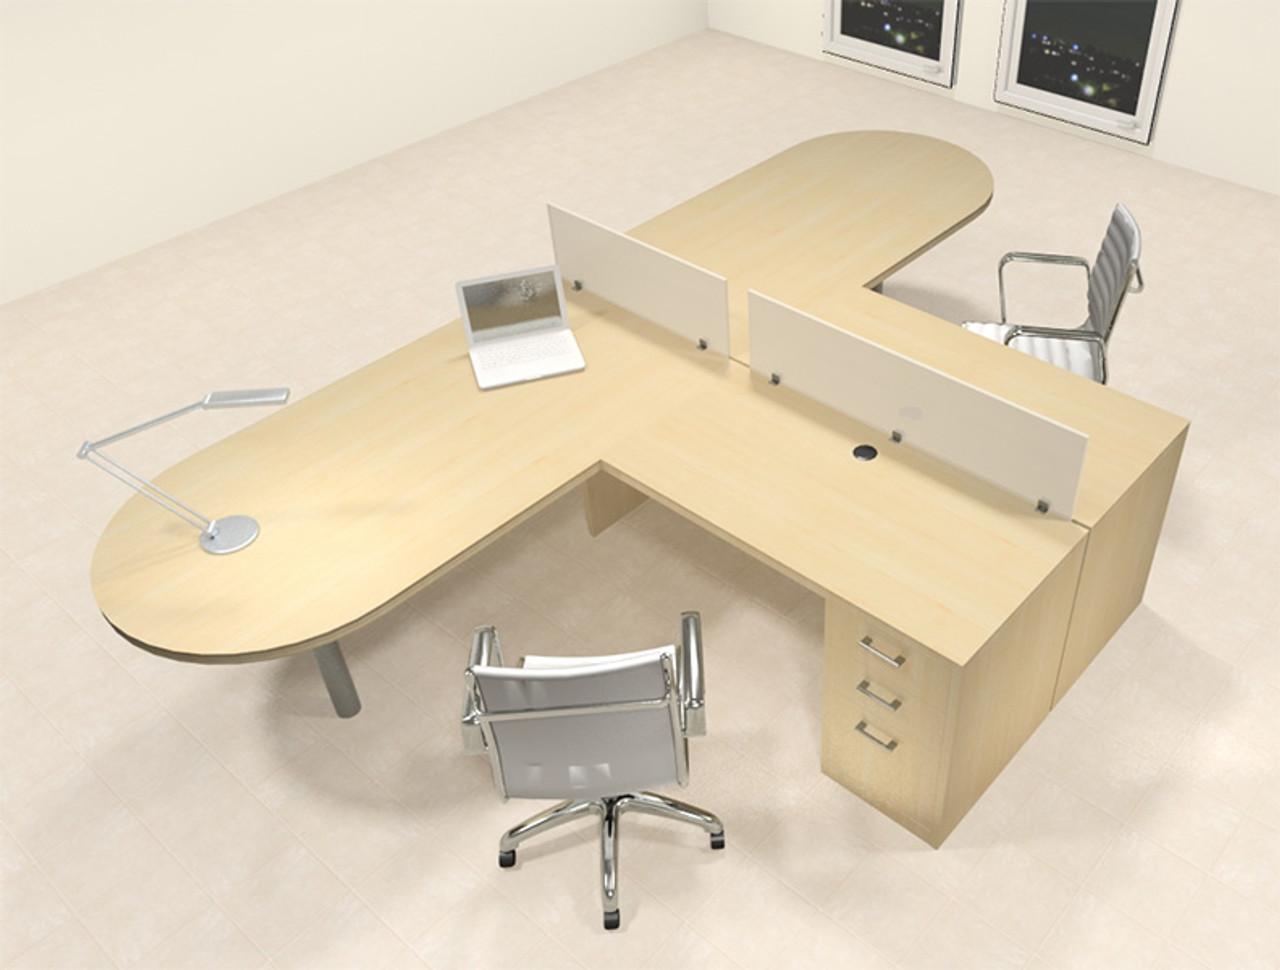 Two Person L Shaped Modern Divider Office Workstation Desk Set Ch Amb Sp20 H2o Furniture